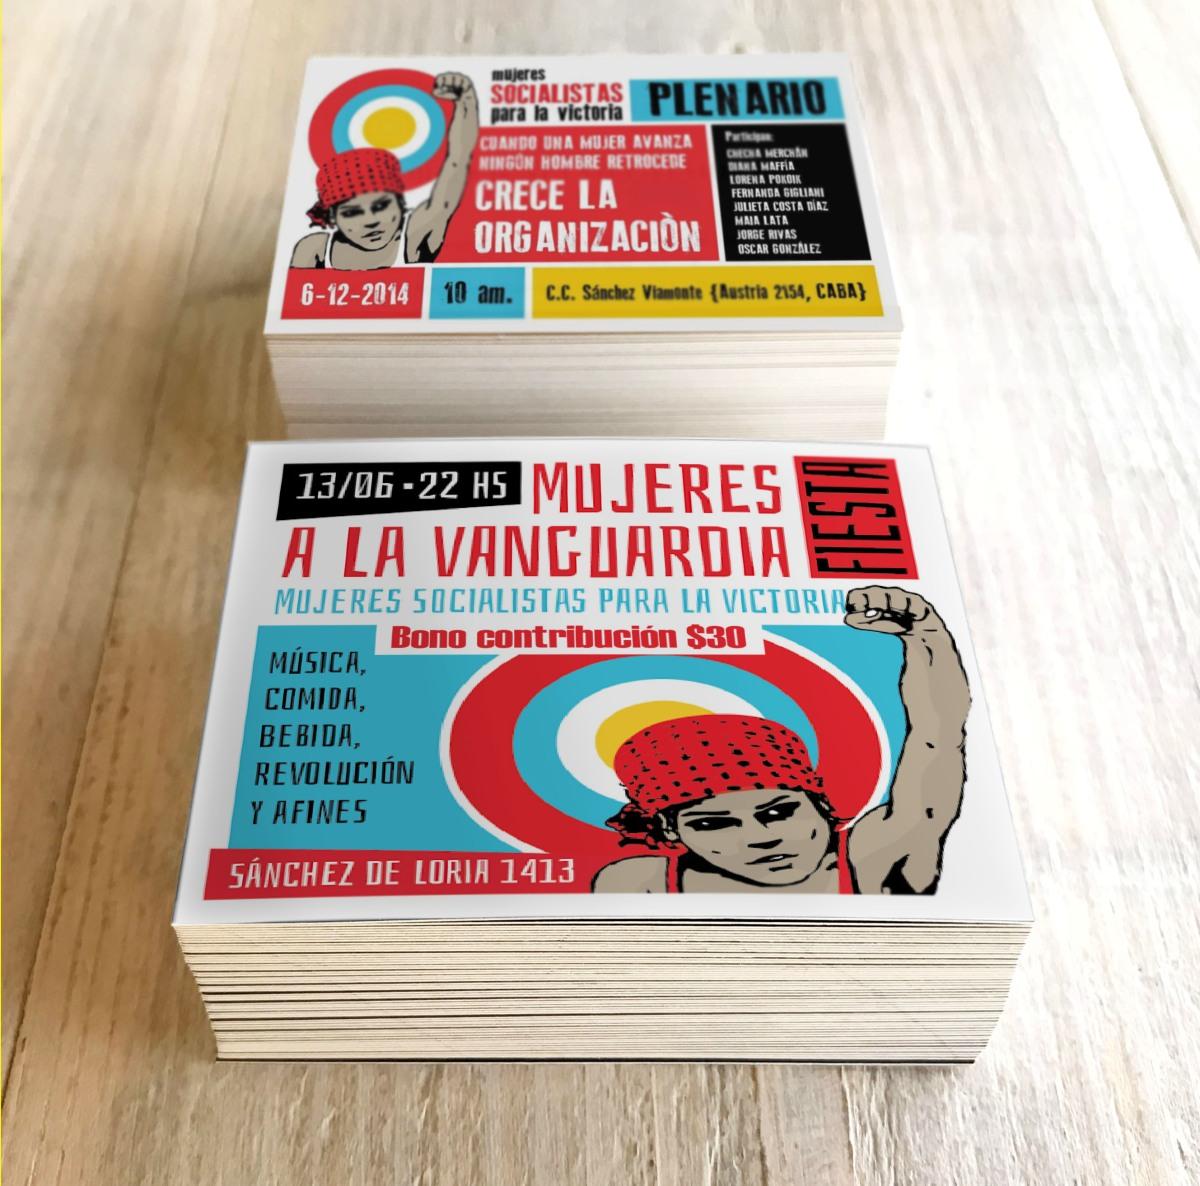 fOlletos, afiches, flyers, tarjetas personales,etiqueTas